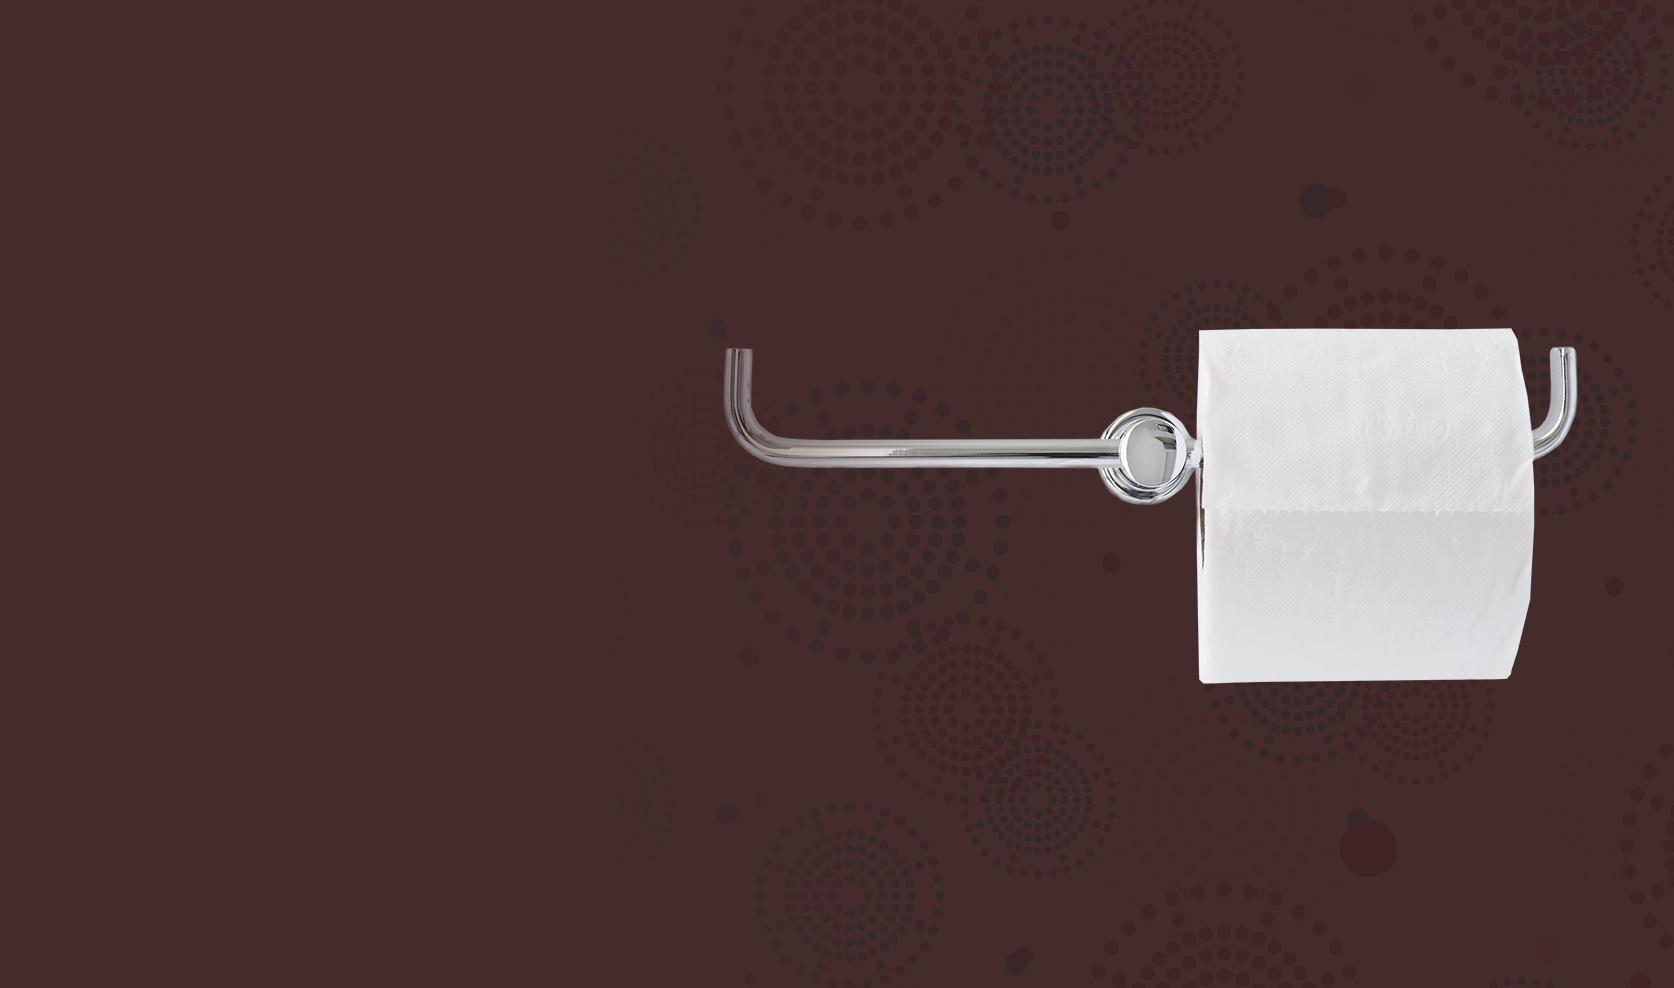 Acessórios Fabrimar #432B2A 1674x988 Acabamento Banheiro Fabrimar